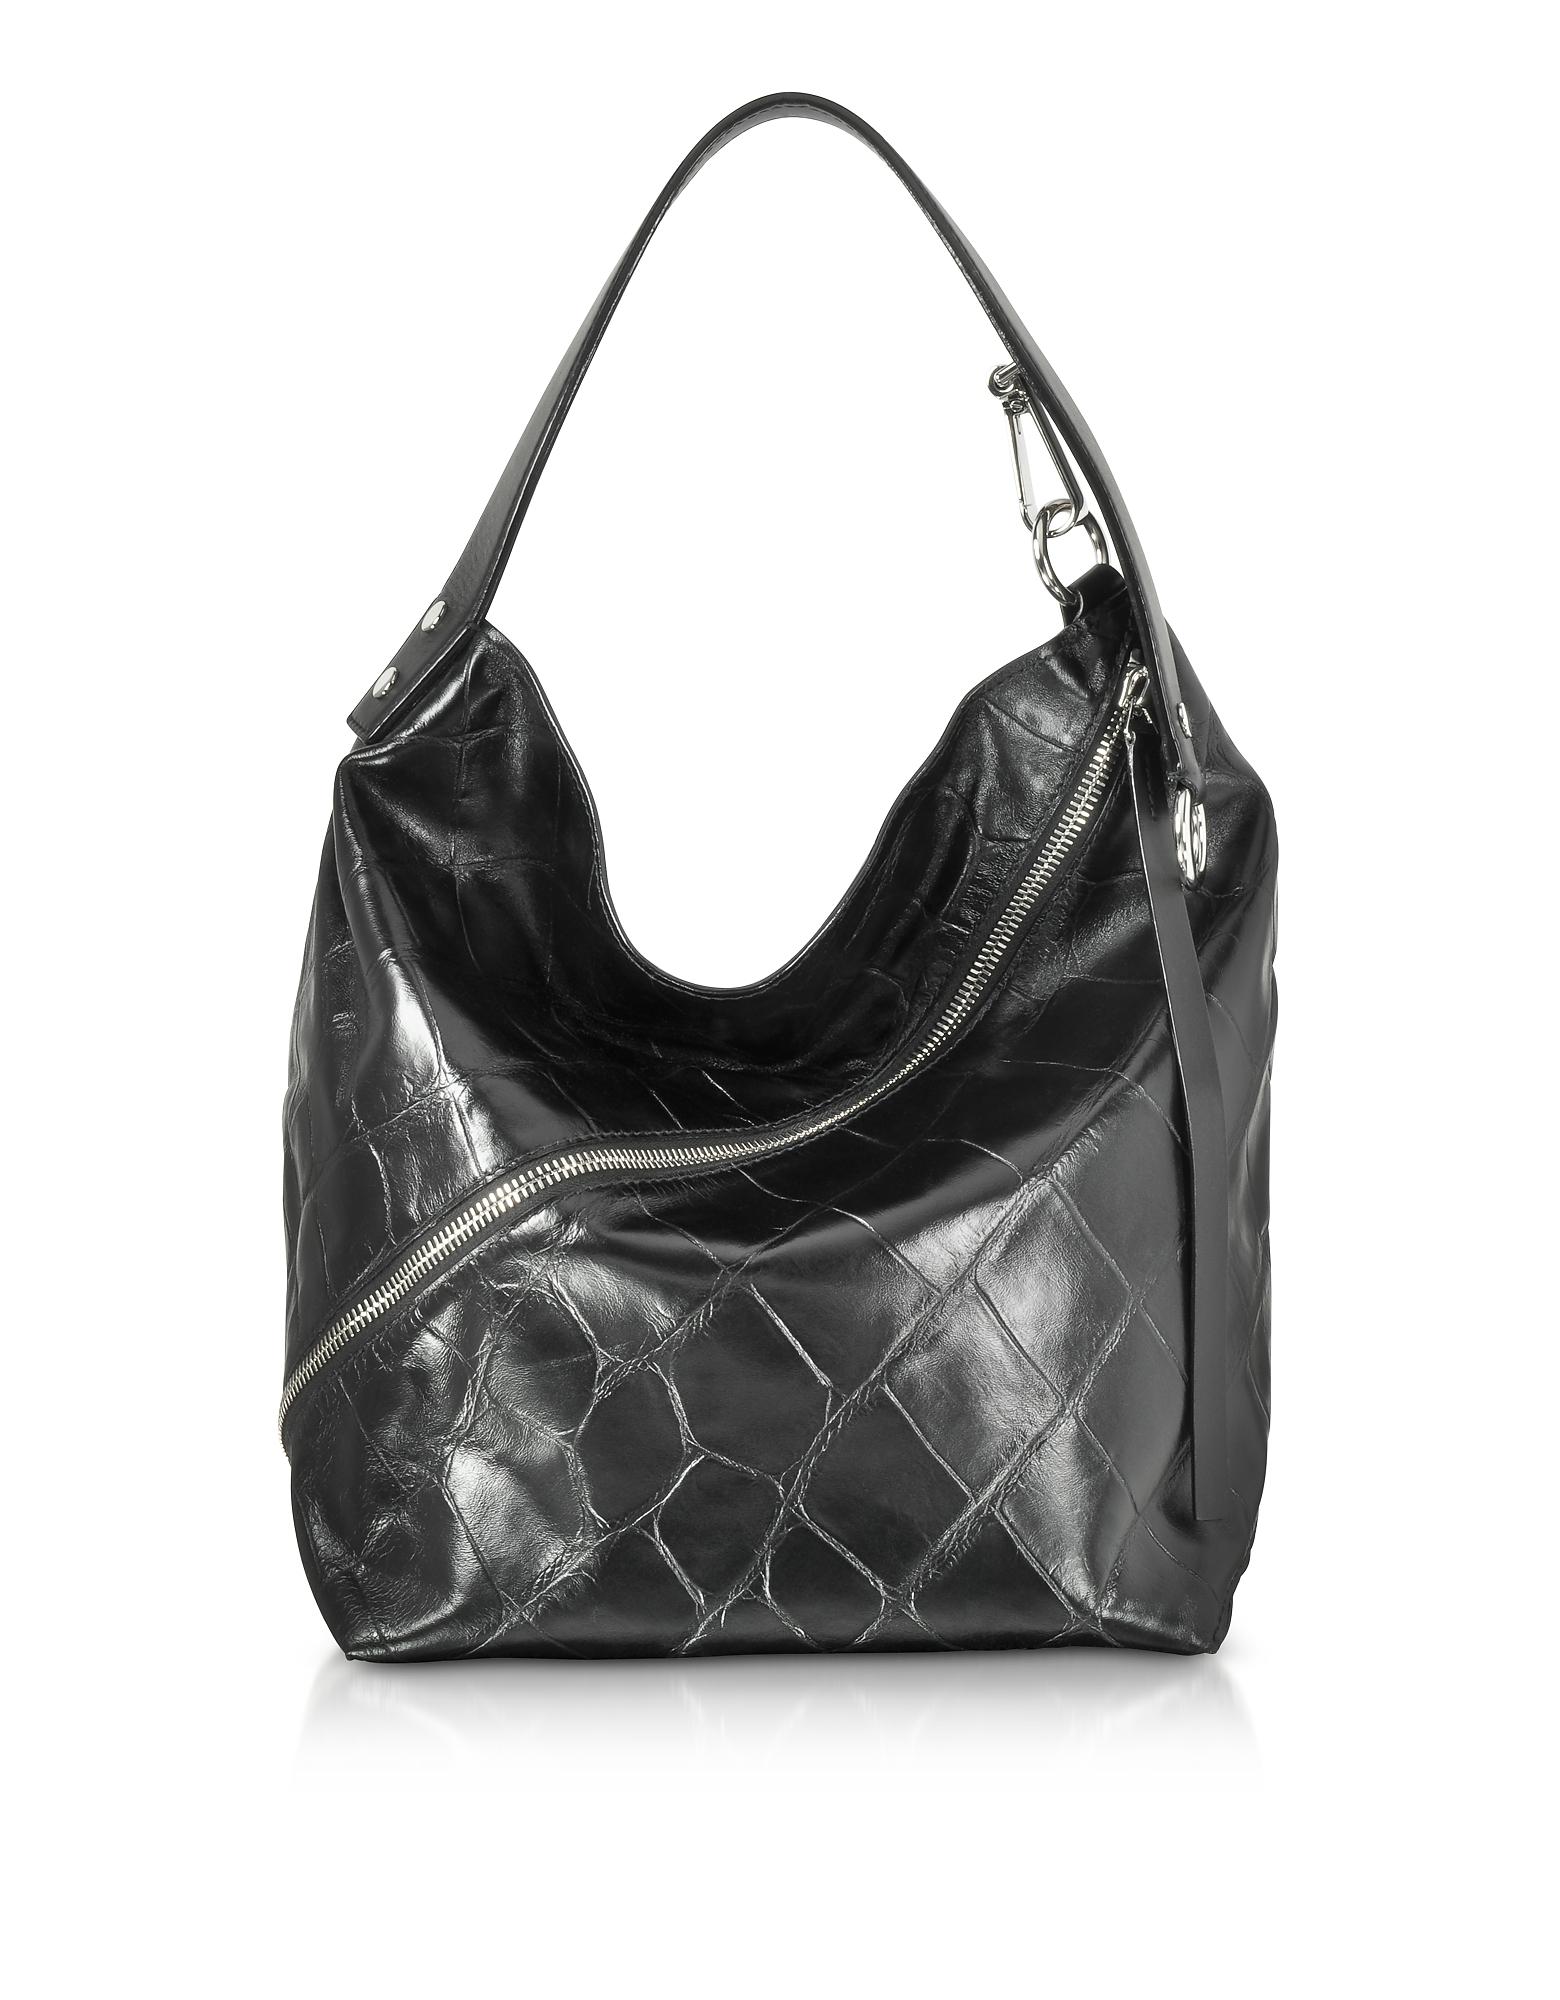 Proenza Schouler Handbags, Black Embossed Giant Croc Zip Medium Hobo Bag